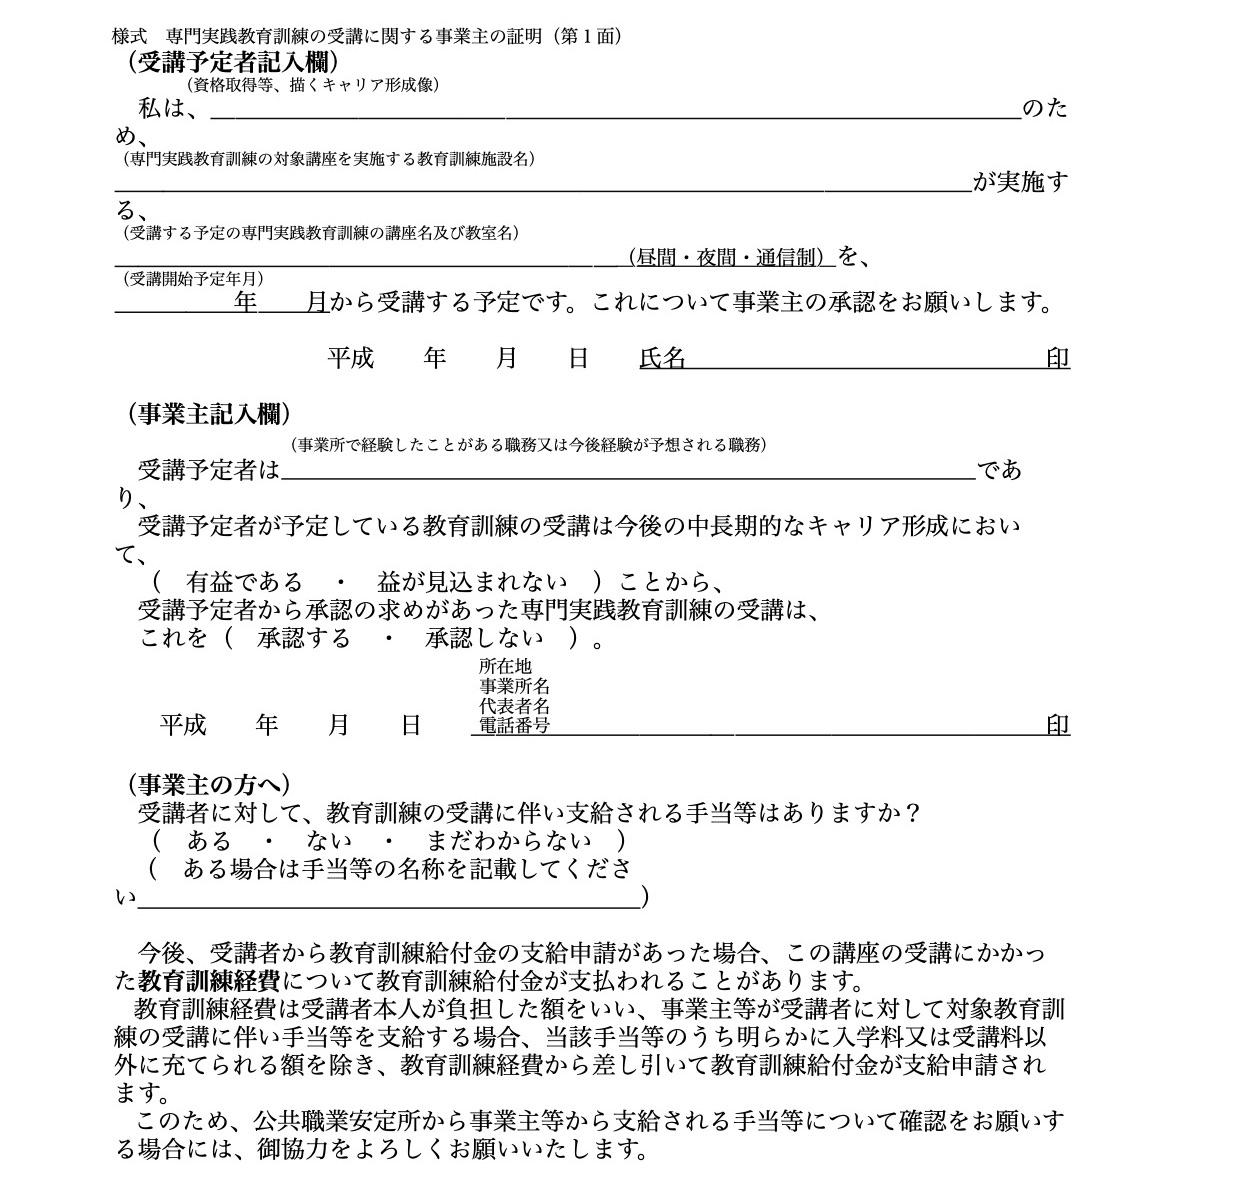 専門実践教育訓練の受講に関する事業主の証明書